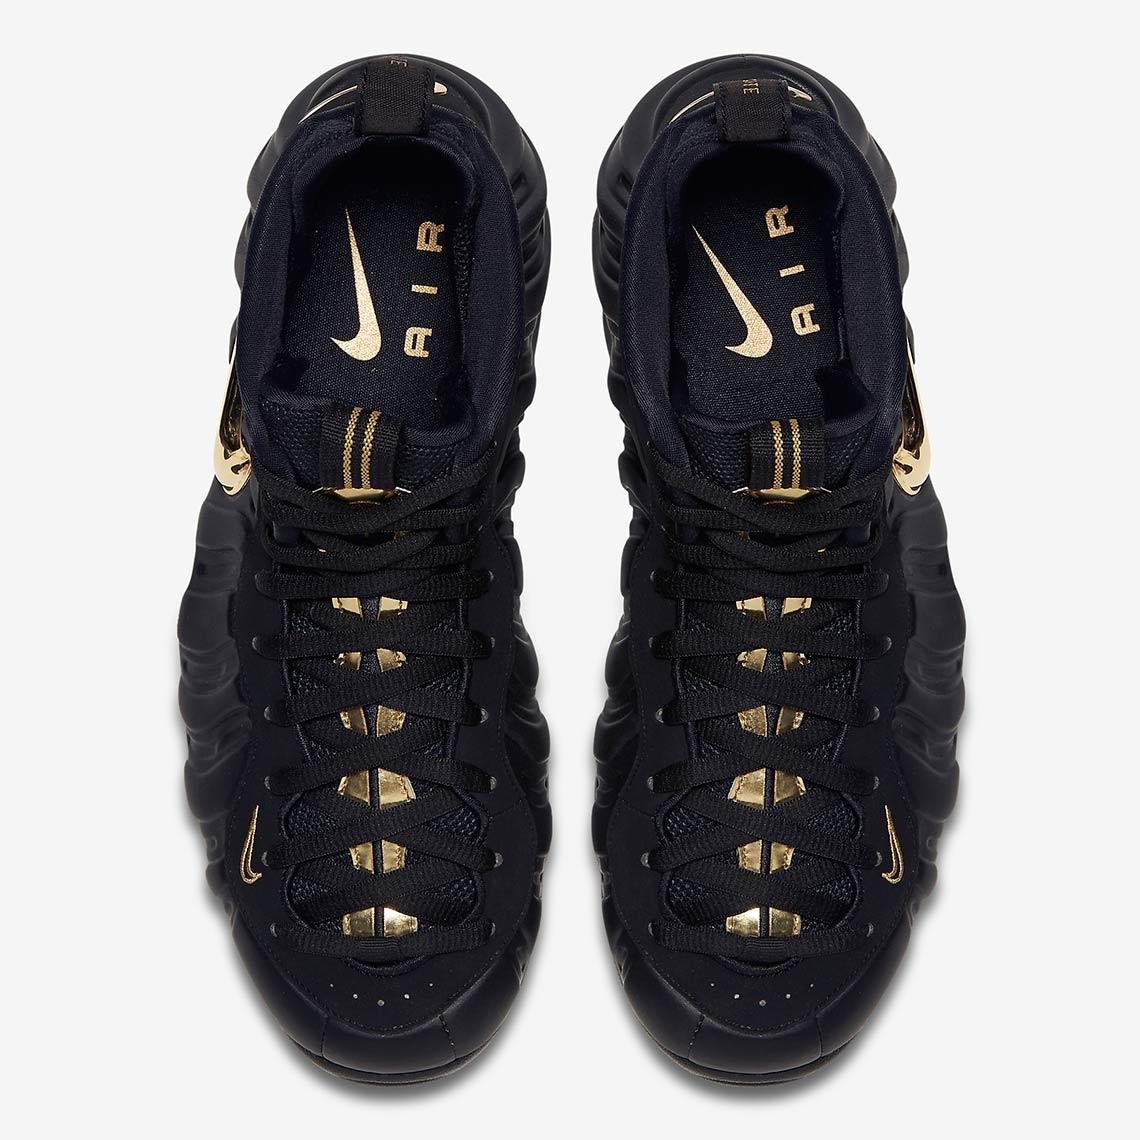 gold foams shoes